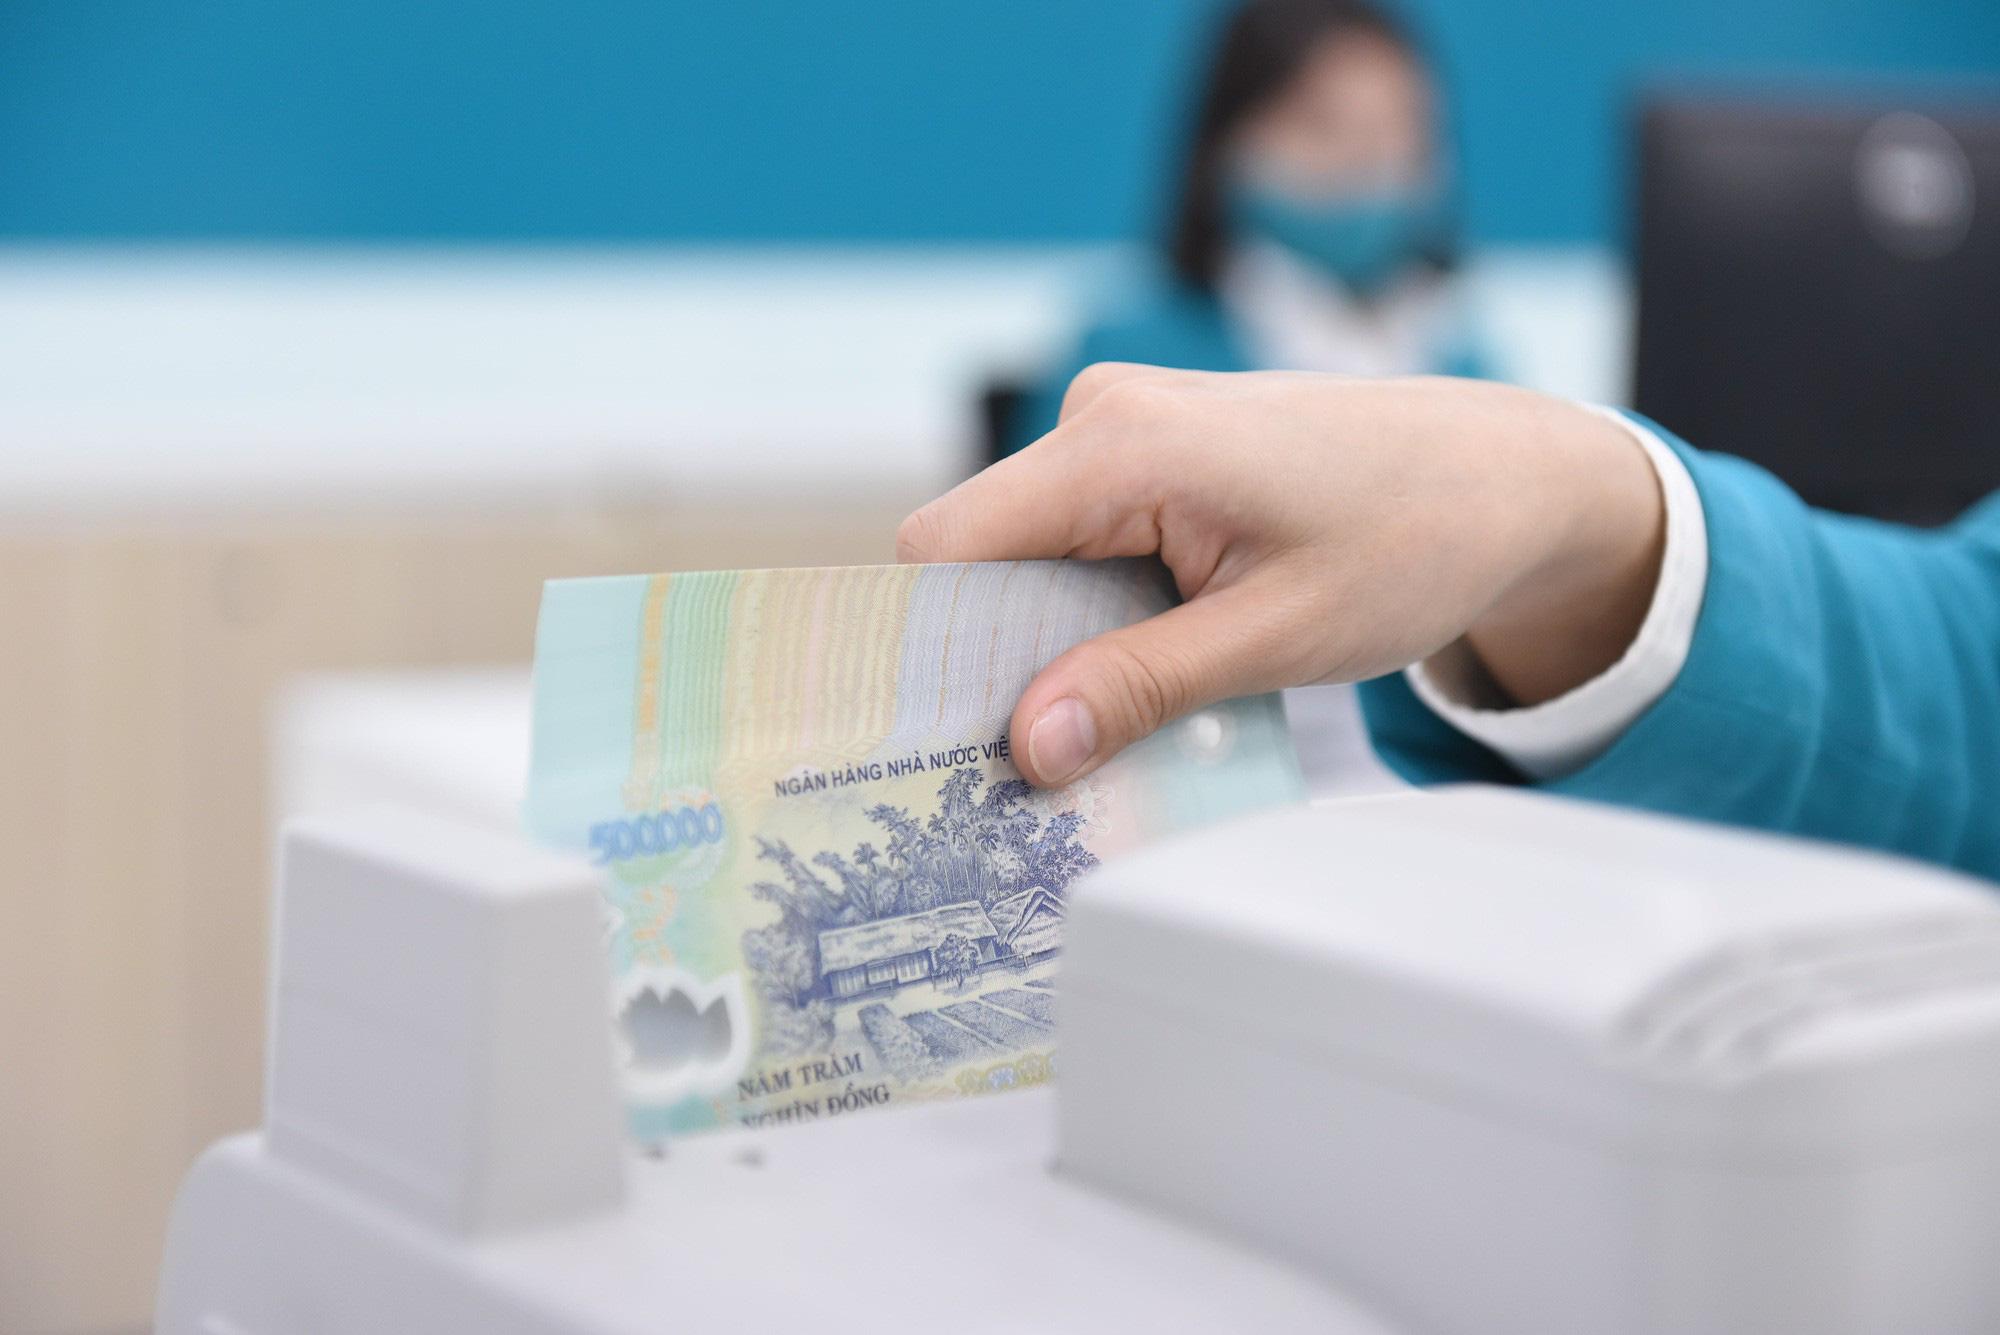 Lợi nhuận nhiều ngân hàng vẫn tăng trưởng tích cực trong 9 tháng